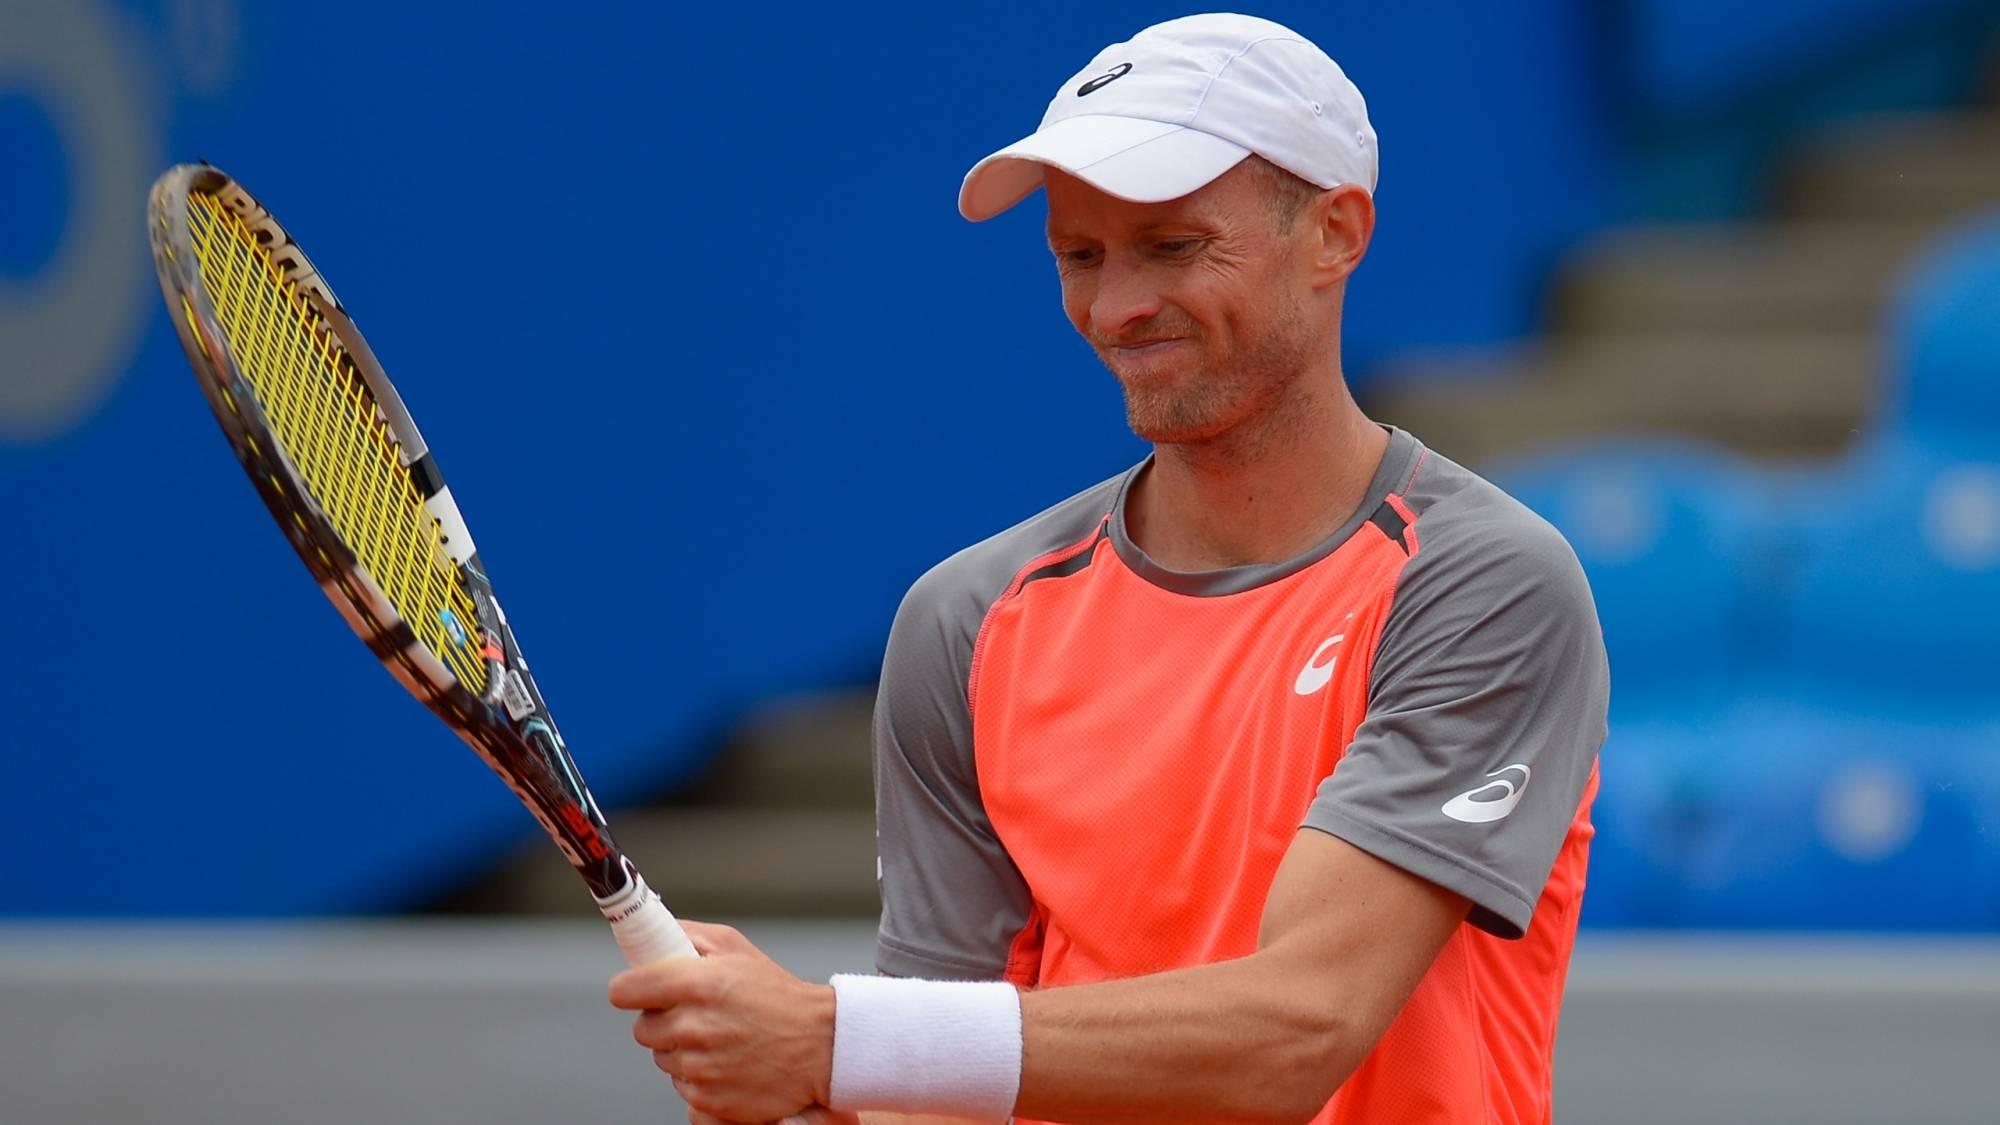 Николай Давыденко российский теннисист с сотнями побед на турнирах